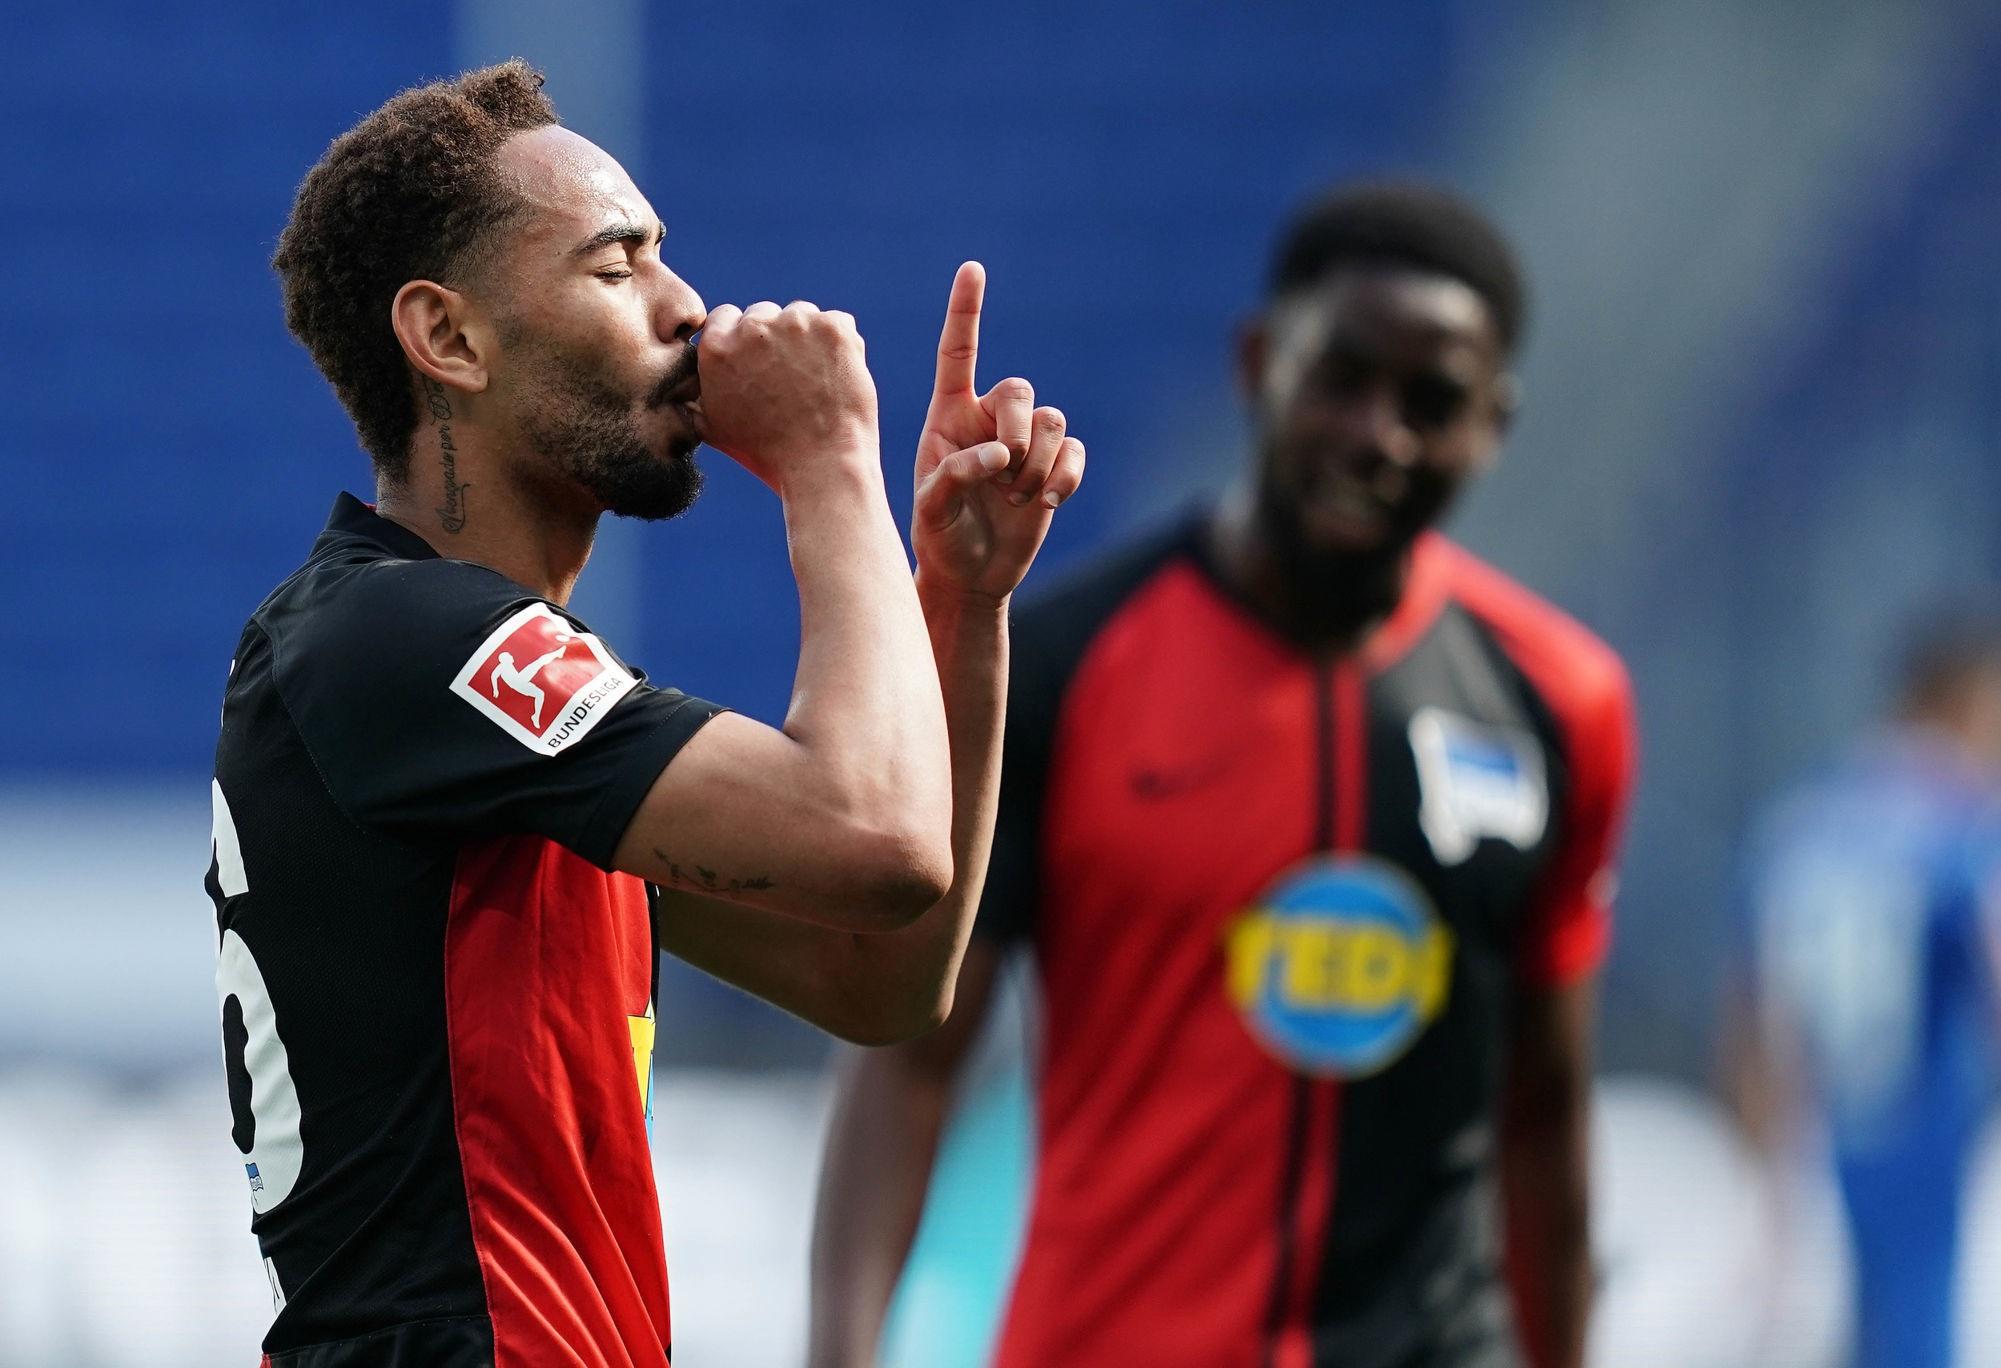 Mercato - Le PSG a fait une première offre pour Cunha, refusée par le Hertha Berlin, selon Sky Sport